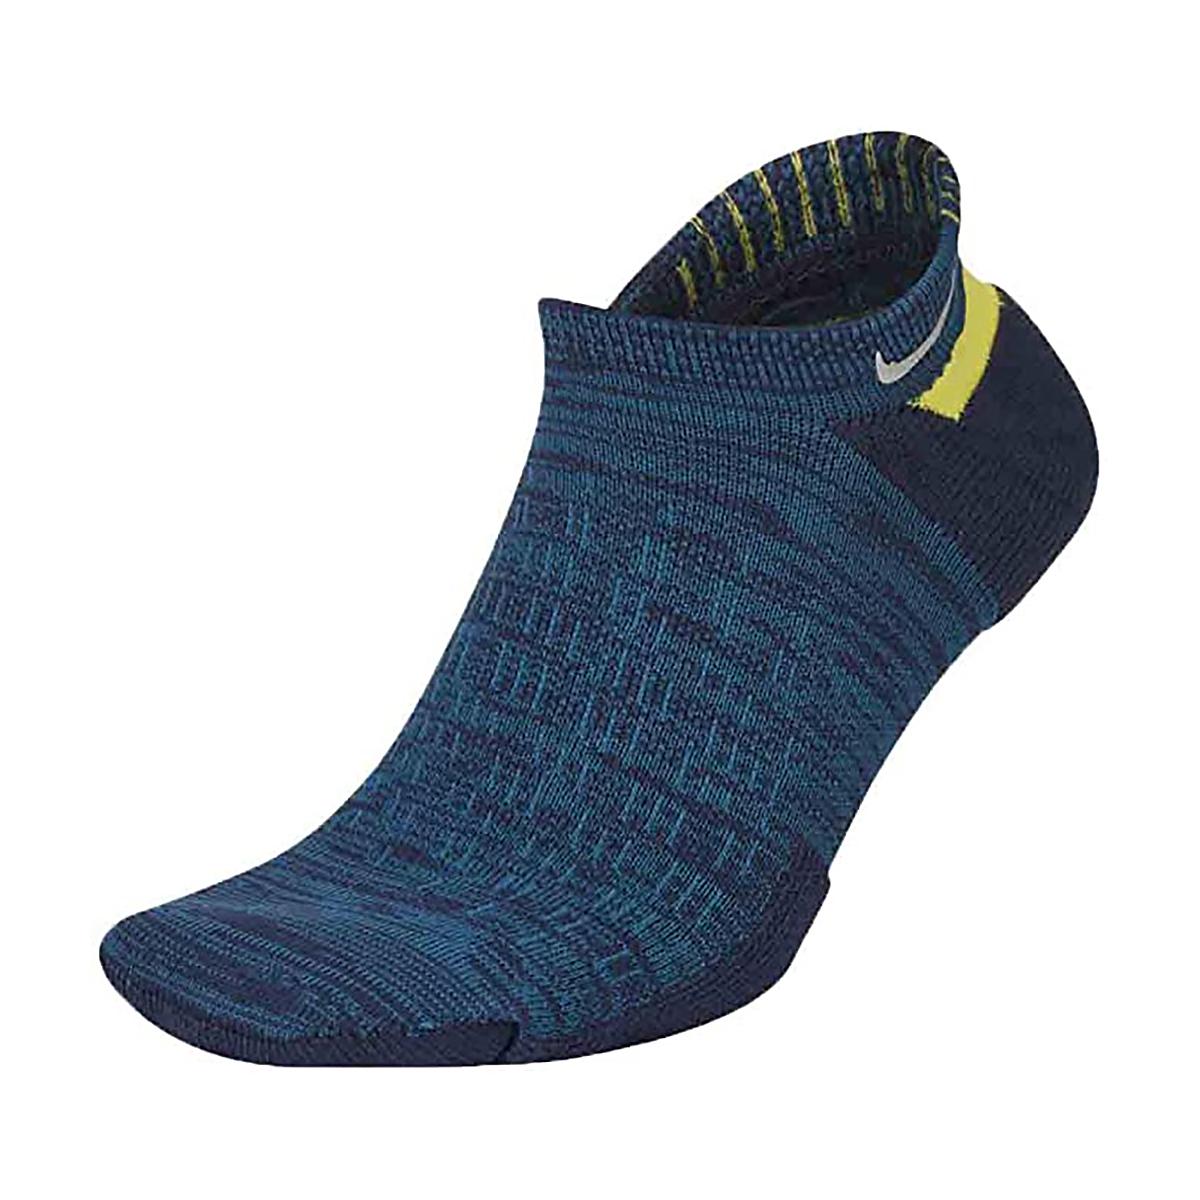 Nike Elite Cushioned No-Show Socks - Color: Blackened Blue - Size: 4/5.5, Blackened Blue, large, image 1